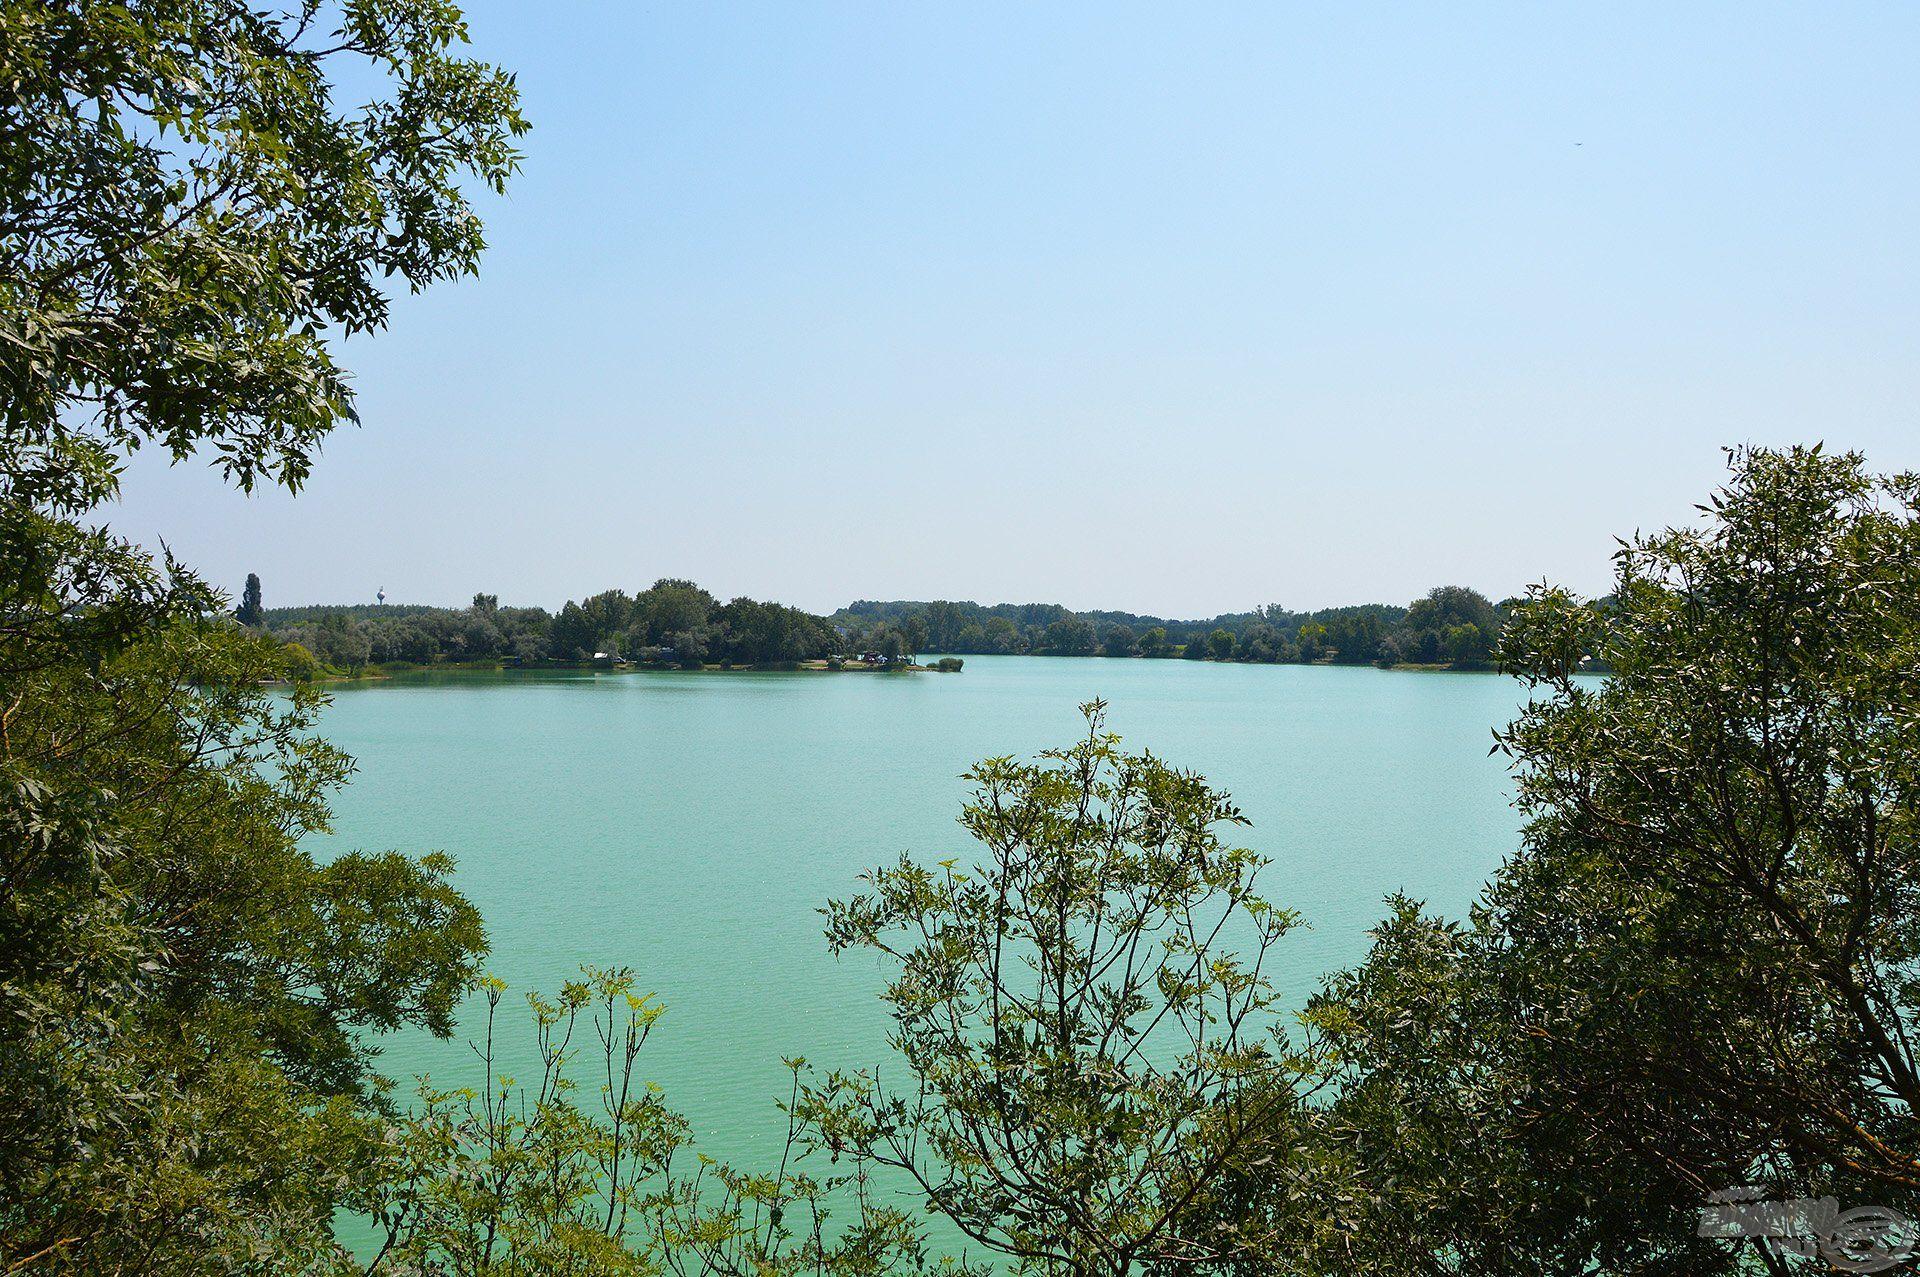 Augusztus közepén újra visszatértünk a Dabasi kavicsbánya tóra